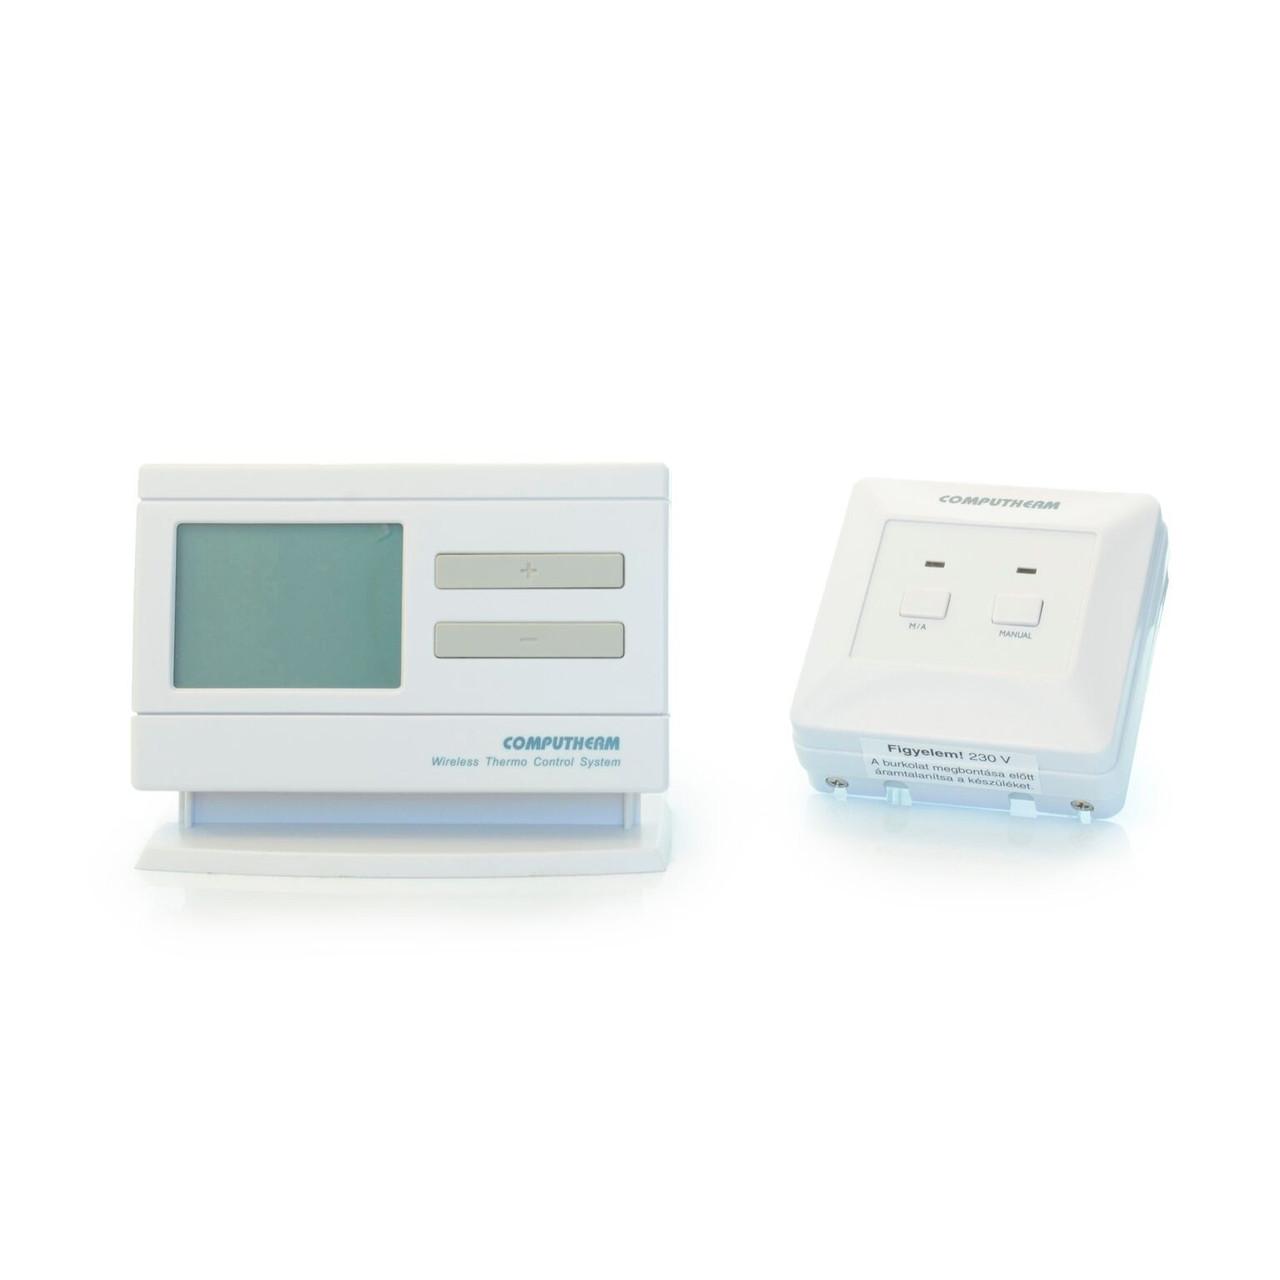 Беспроводной недельный терморегулятор для котла (программатор) COMPUTHERM Q7 RF компьютерм